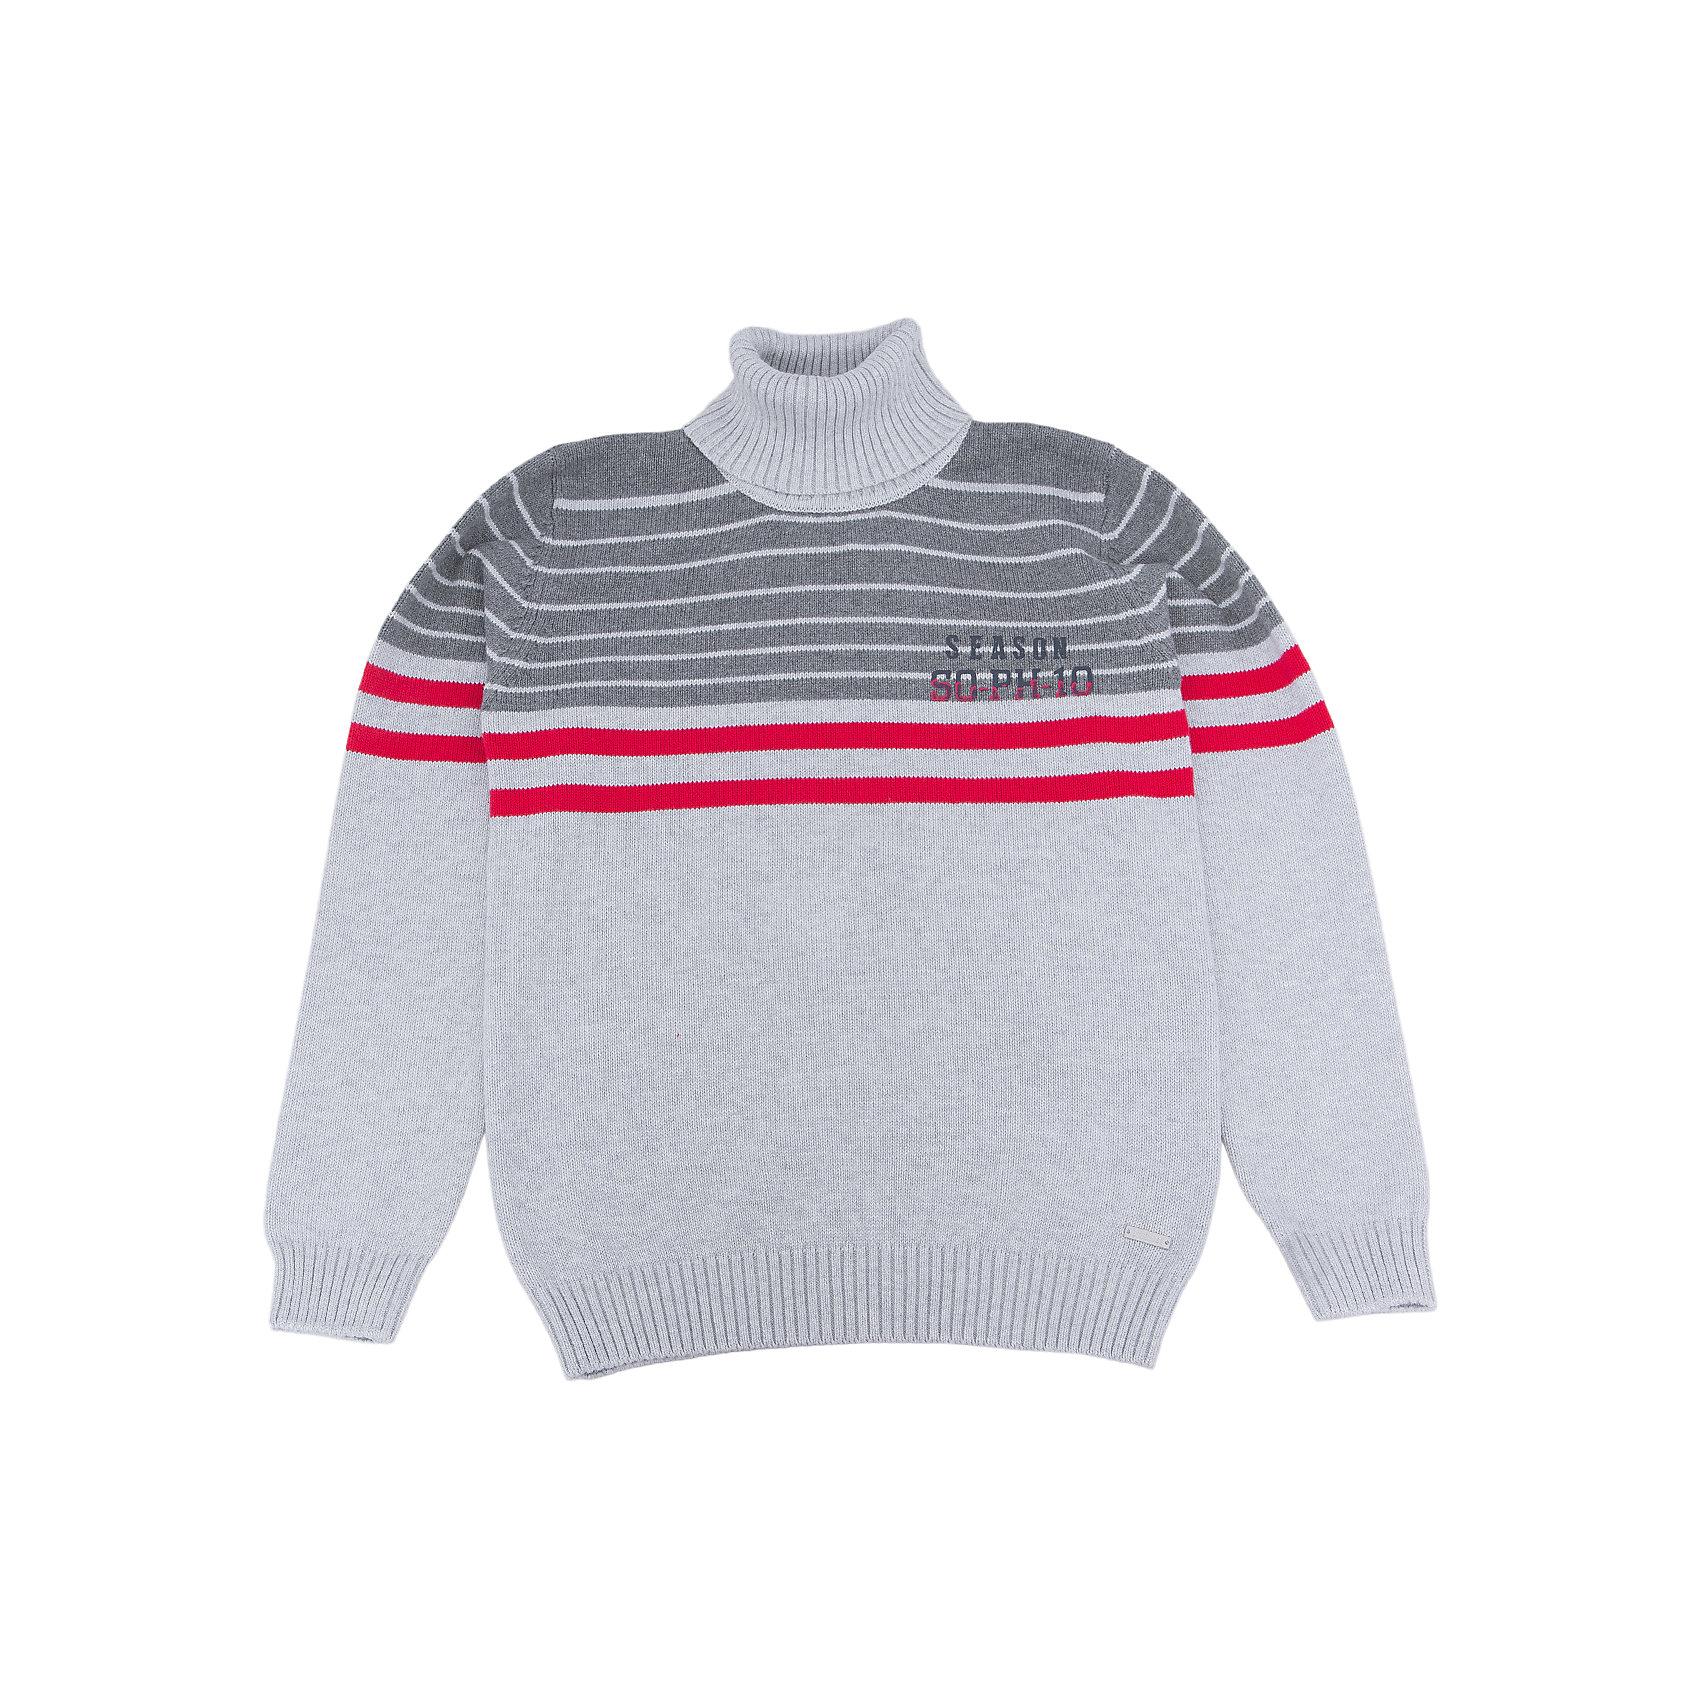 Свитер для мальчика LuminosoСвитер для мальчика от популярной марки Luminoso.<br>Уютный свитер для мальчиков из серого меланжа. Декорирован контрастными полосами и принтом.<br>Состав:<br>100% хлопок<br><br>Ширина мм: 190<br>Глубина мм: 74<br>Высота мм: 229<br>Вес г: 236<br>Цвет: серый<br>Возраст от месяцев: 108<br>Возраст до месяцев: 120<br>Пол: Мужской<br>Возраст: Детский<br>Размер: 140,146,152,158,164,134<br>SKU: 4931005